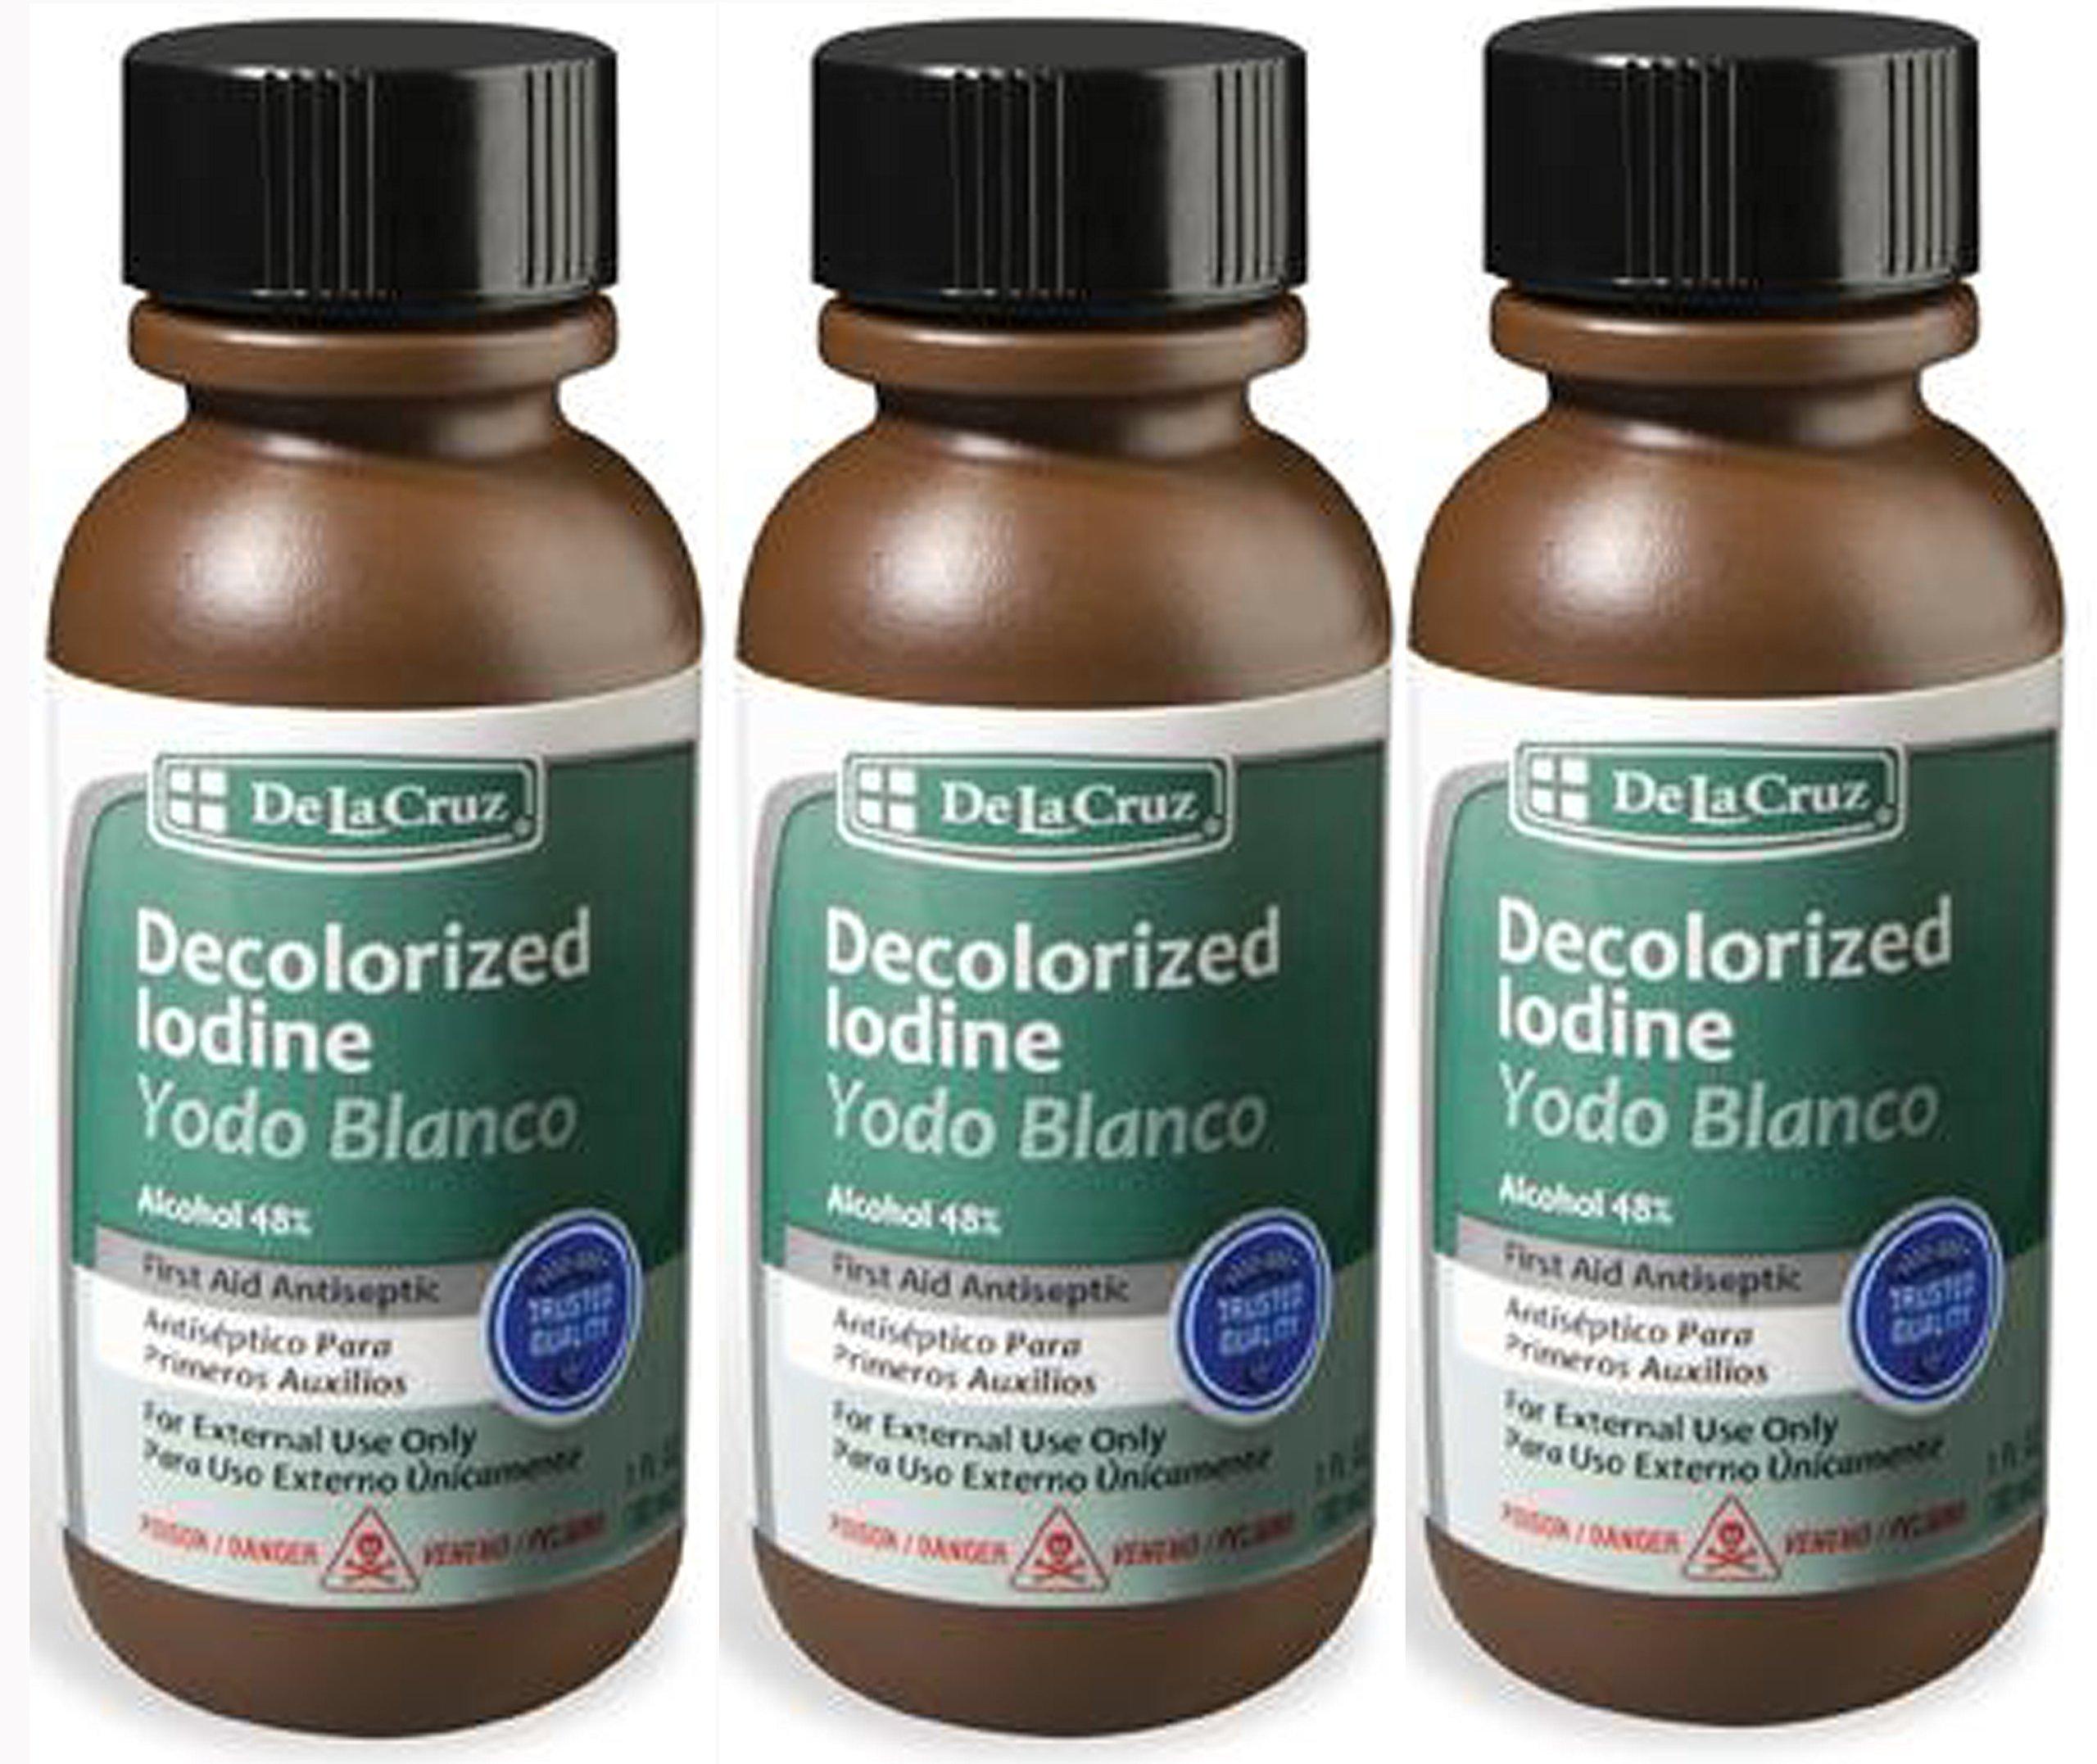 Amazon.com: IODINE Tincture Decolorized Colorless White Clear IODO ...